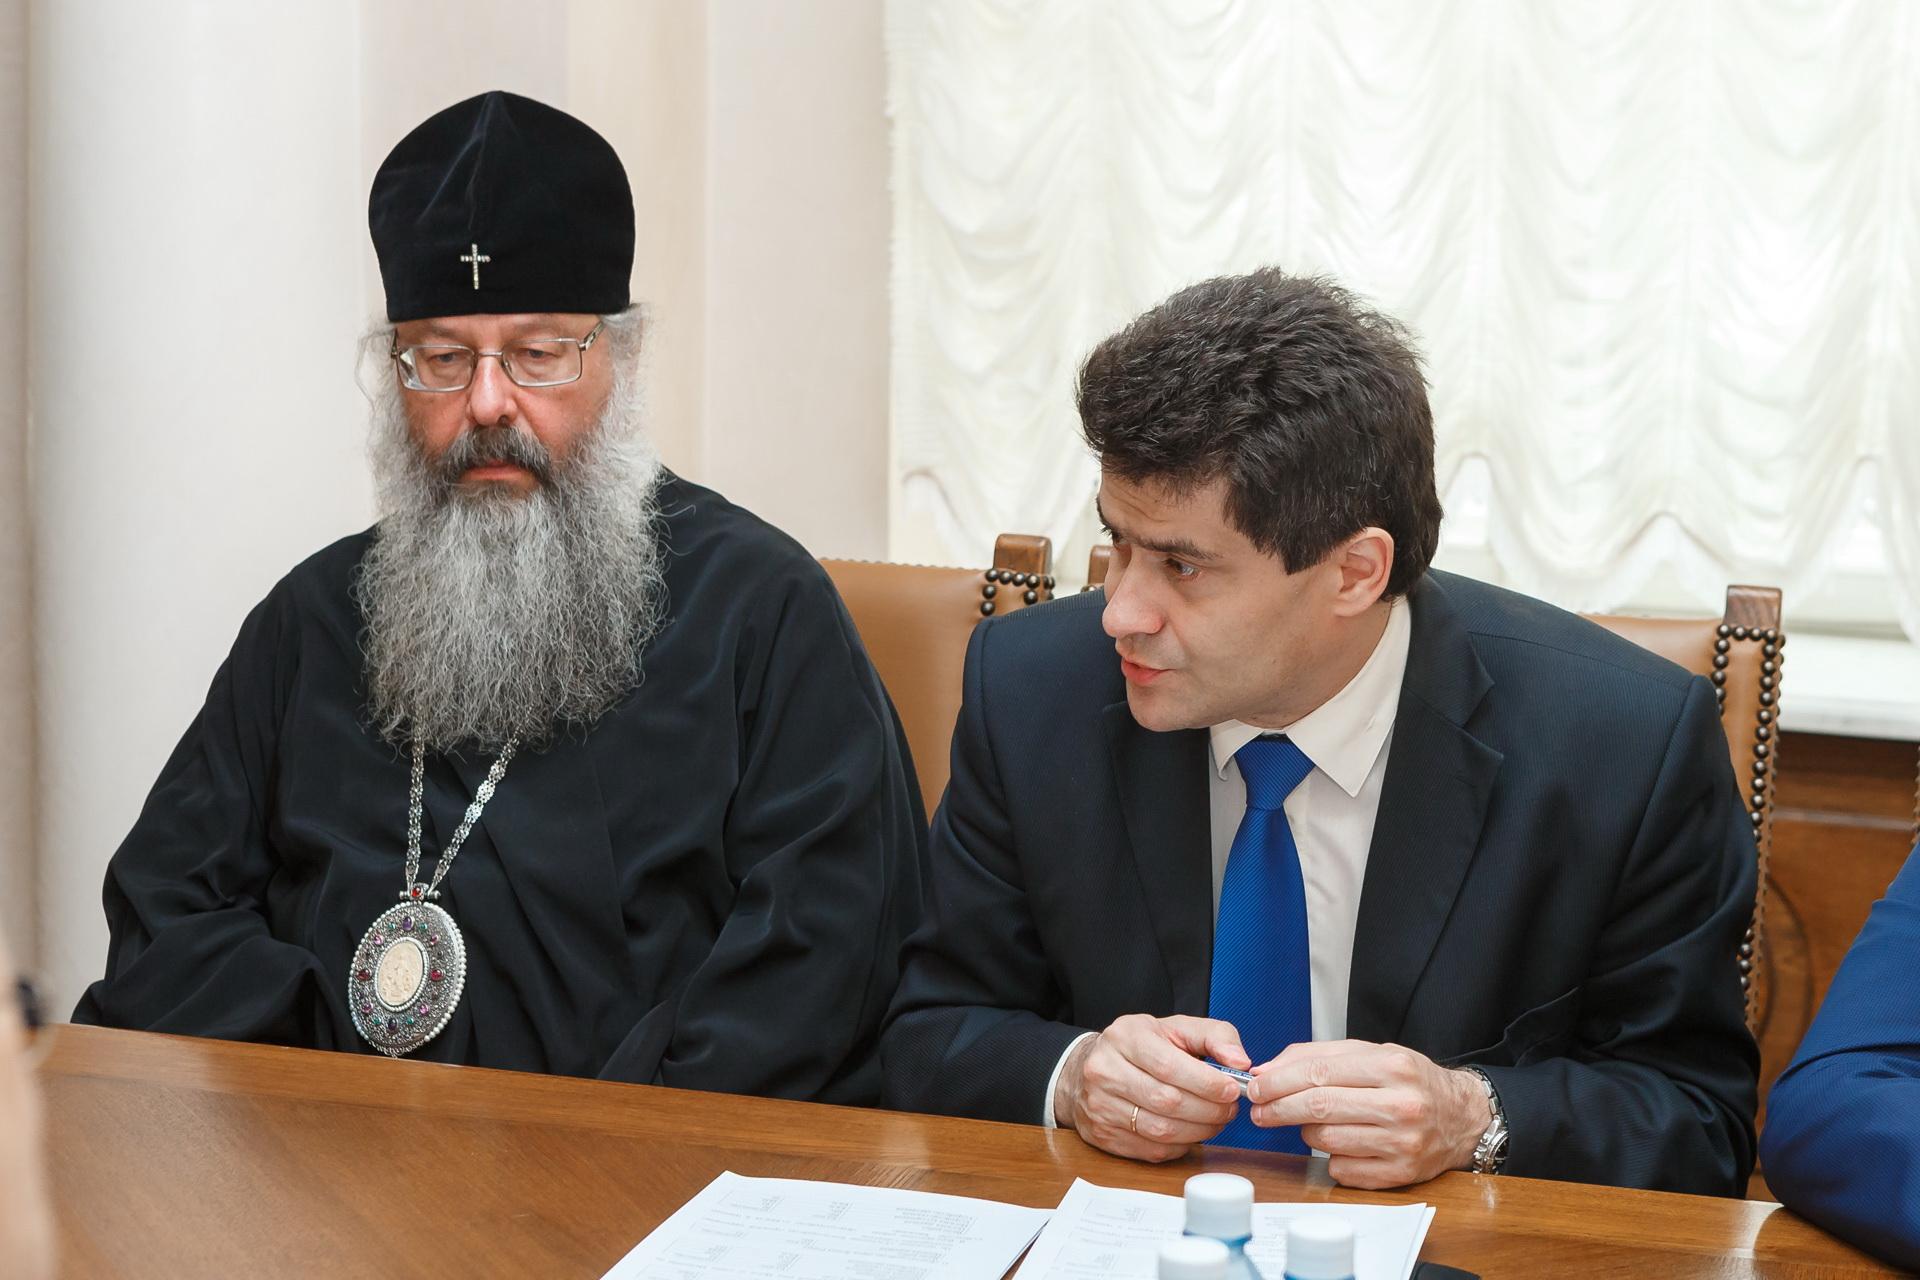 Митрополит Кирилл и Александр Высокинский